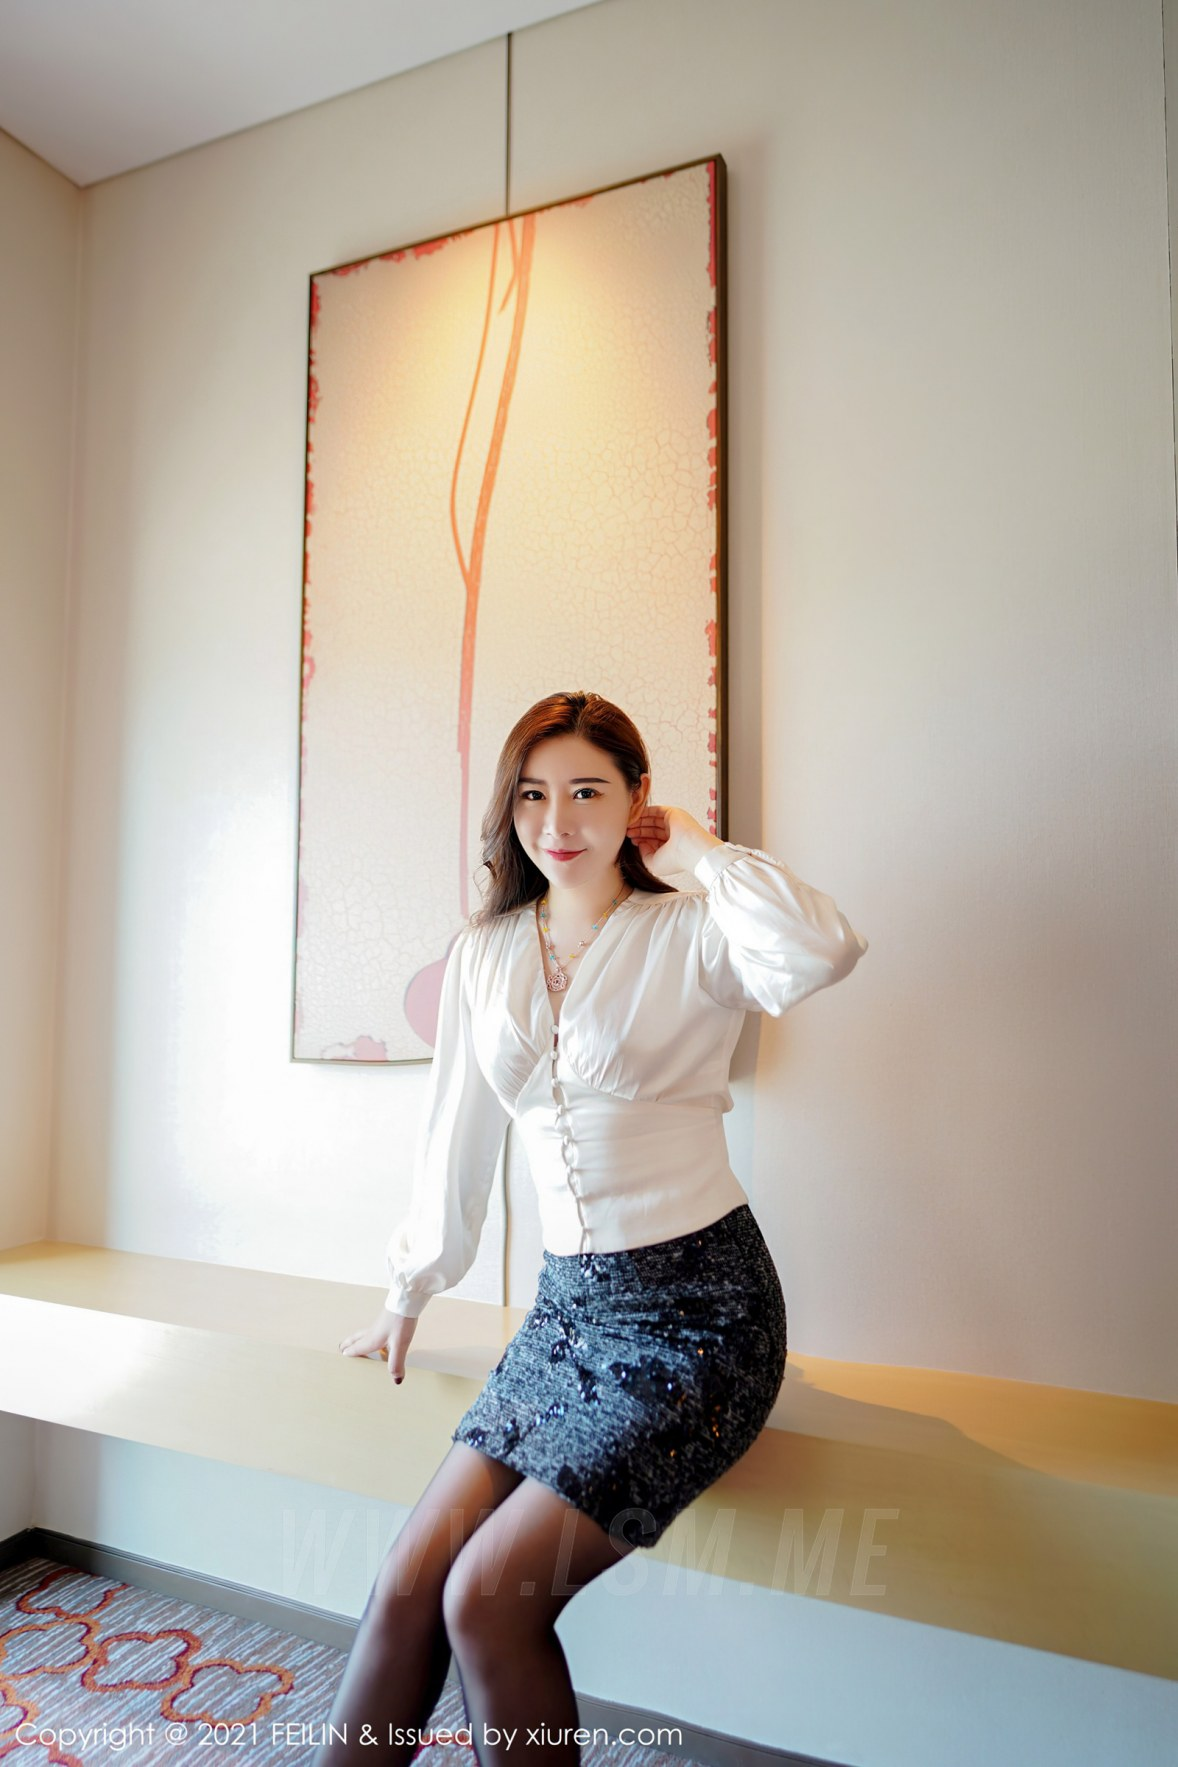 FeiLin 嗲囡囡 Vol.400 情趣服饰 王婉悠Queen 最新性感写真33 - 4